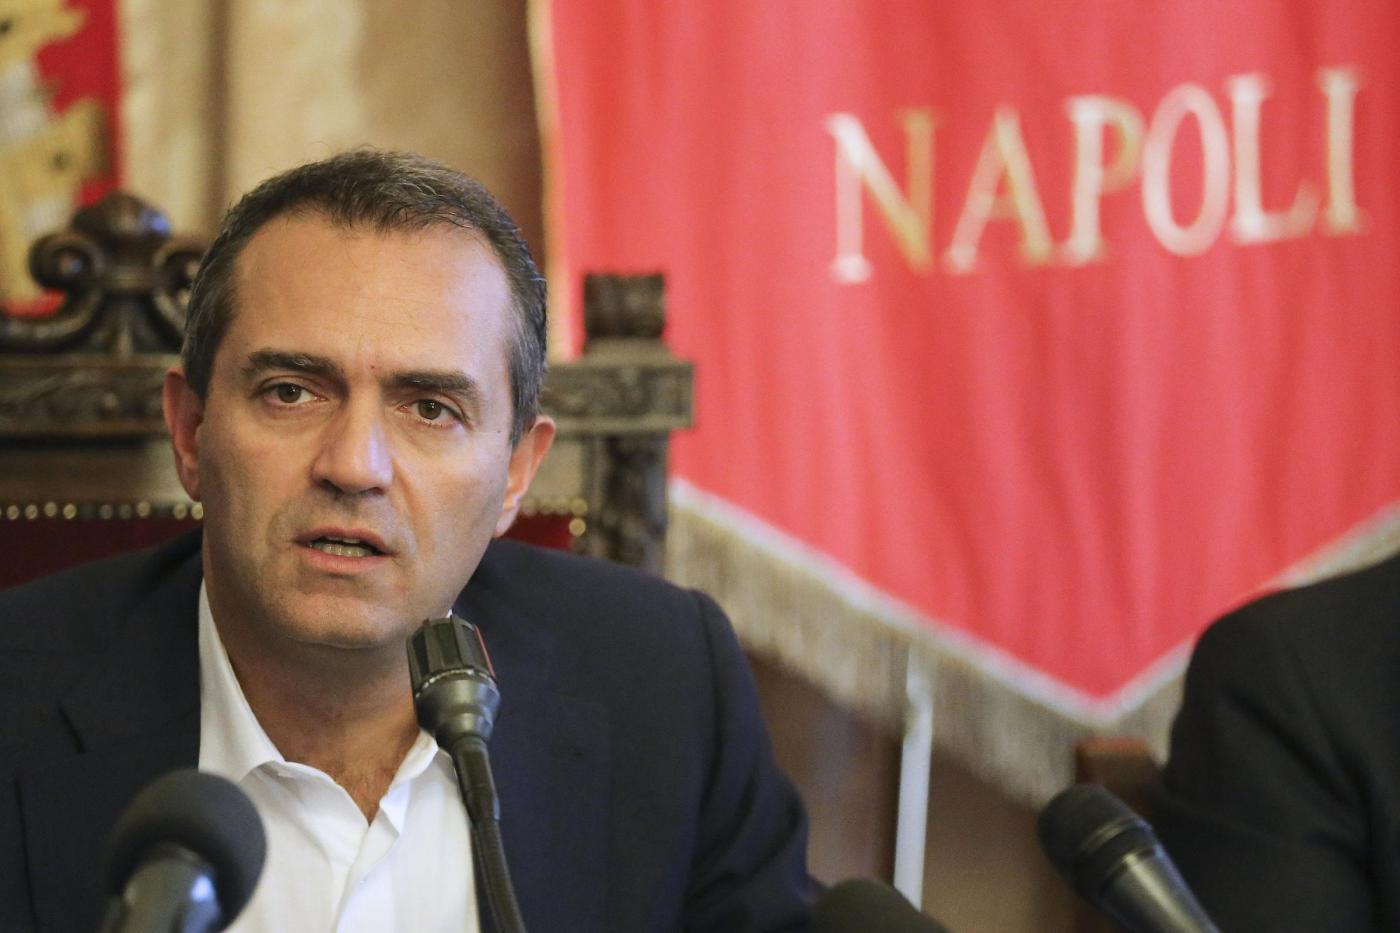 Chi è Luigi De Magistris, sindaco uscente e candidato alle amministrative di Napoli